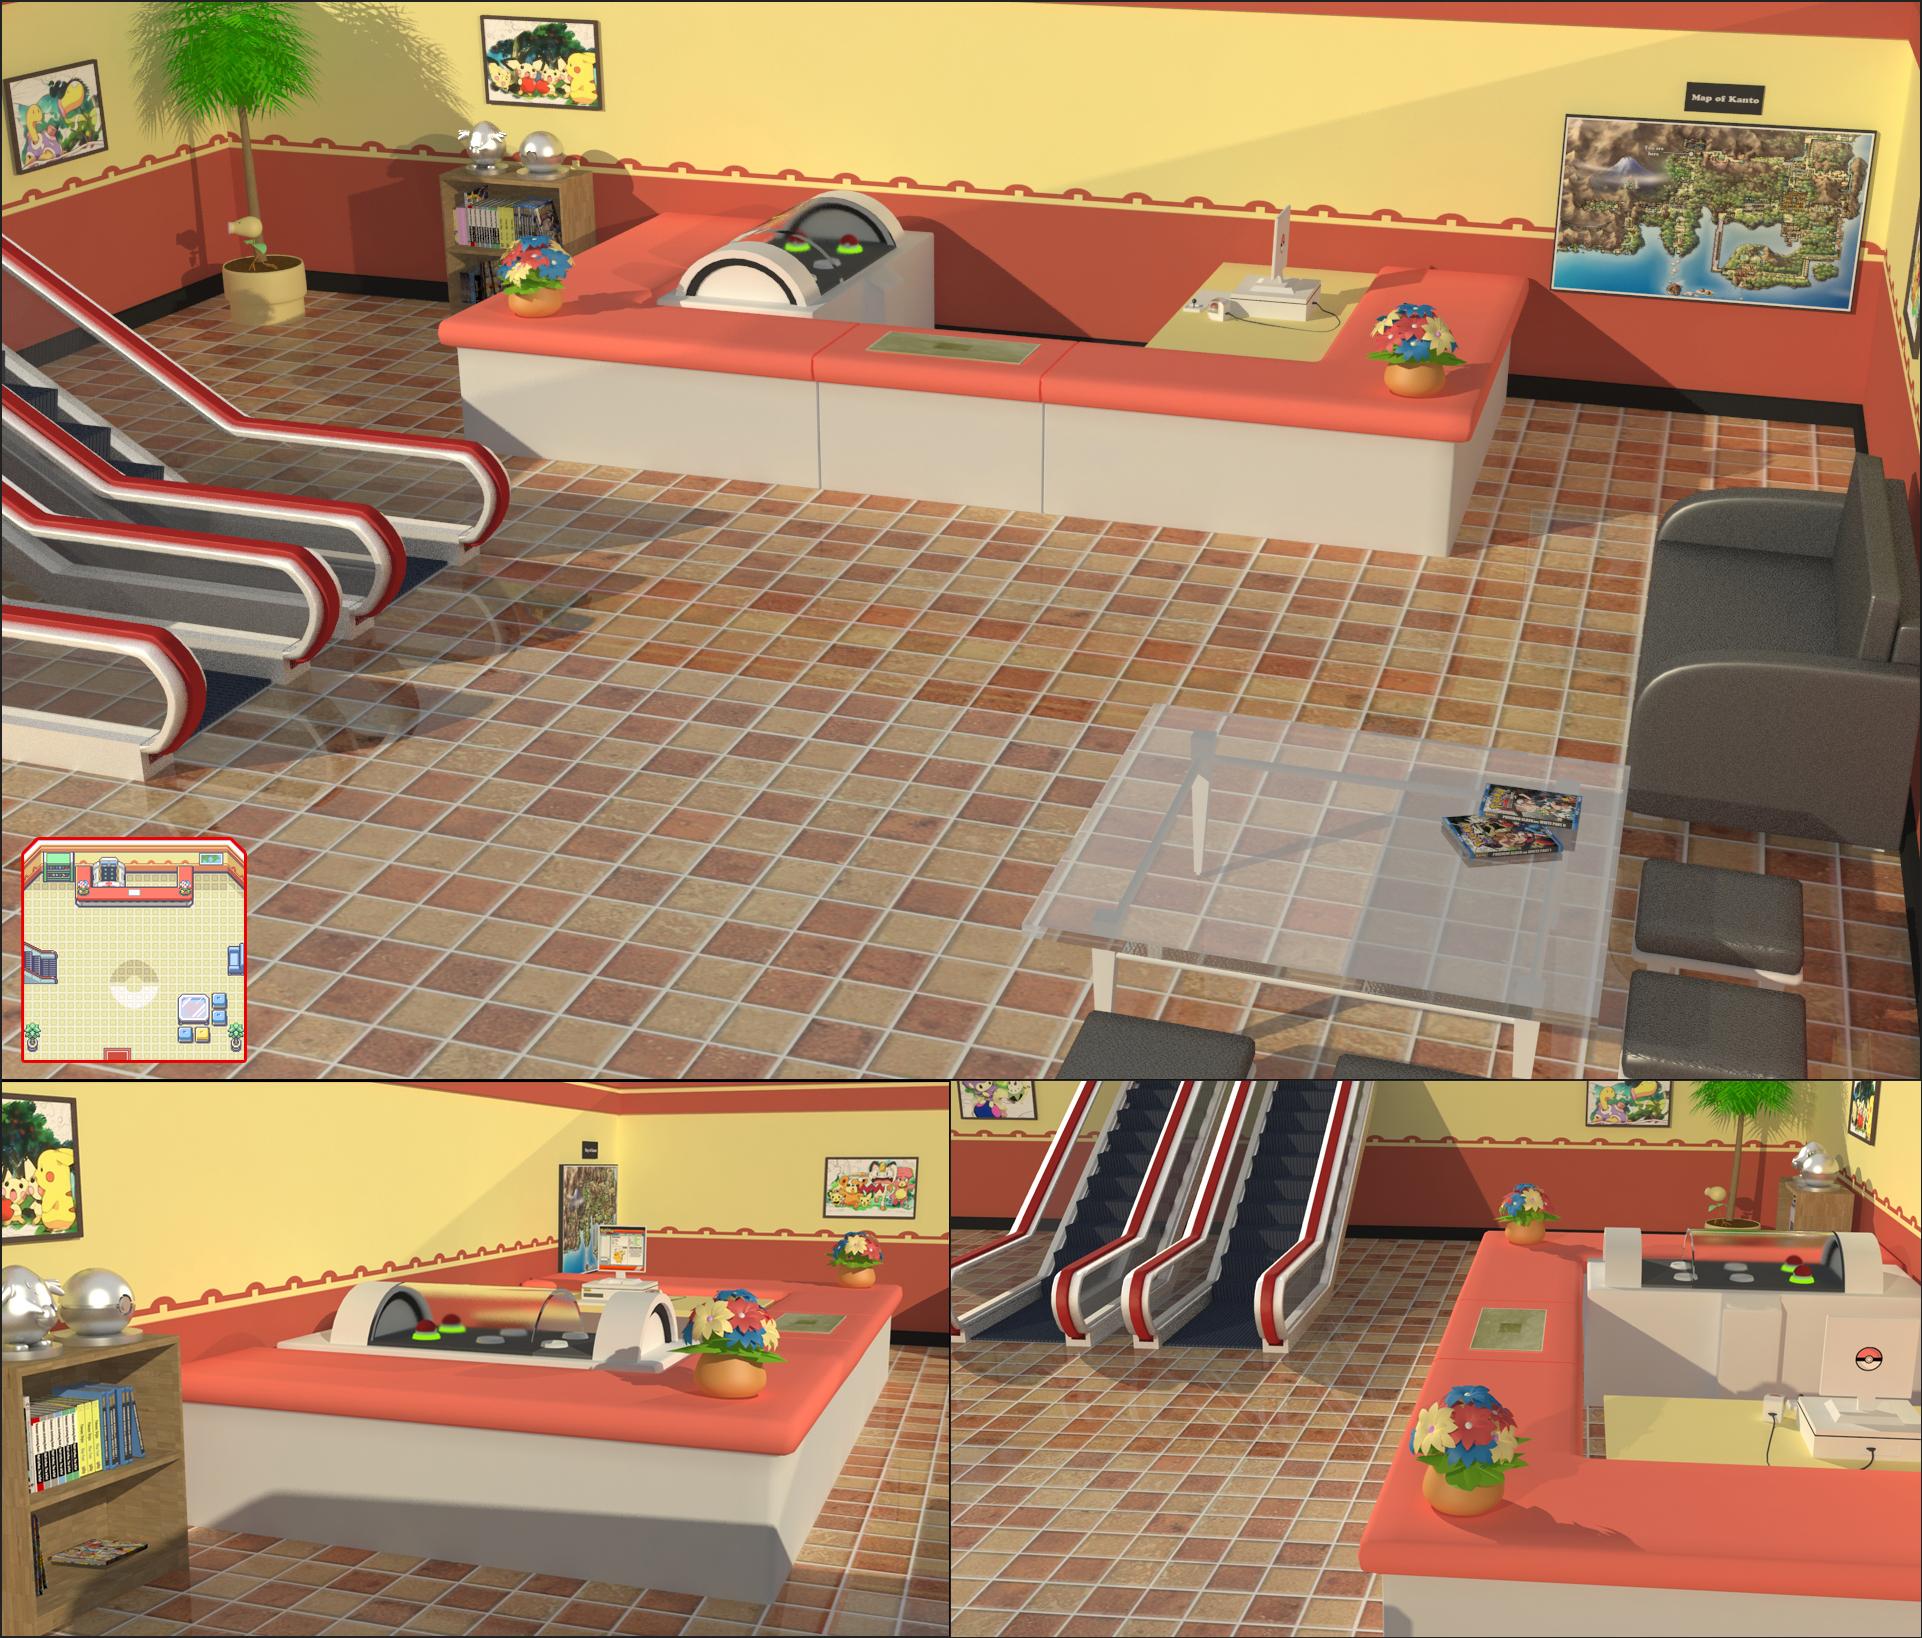 3d Pokemon Center By Tribalise On Deviantart